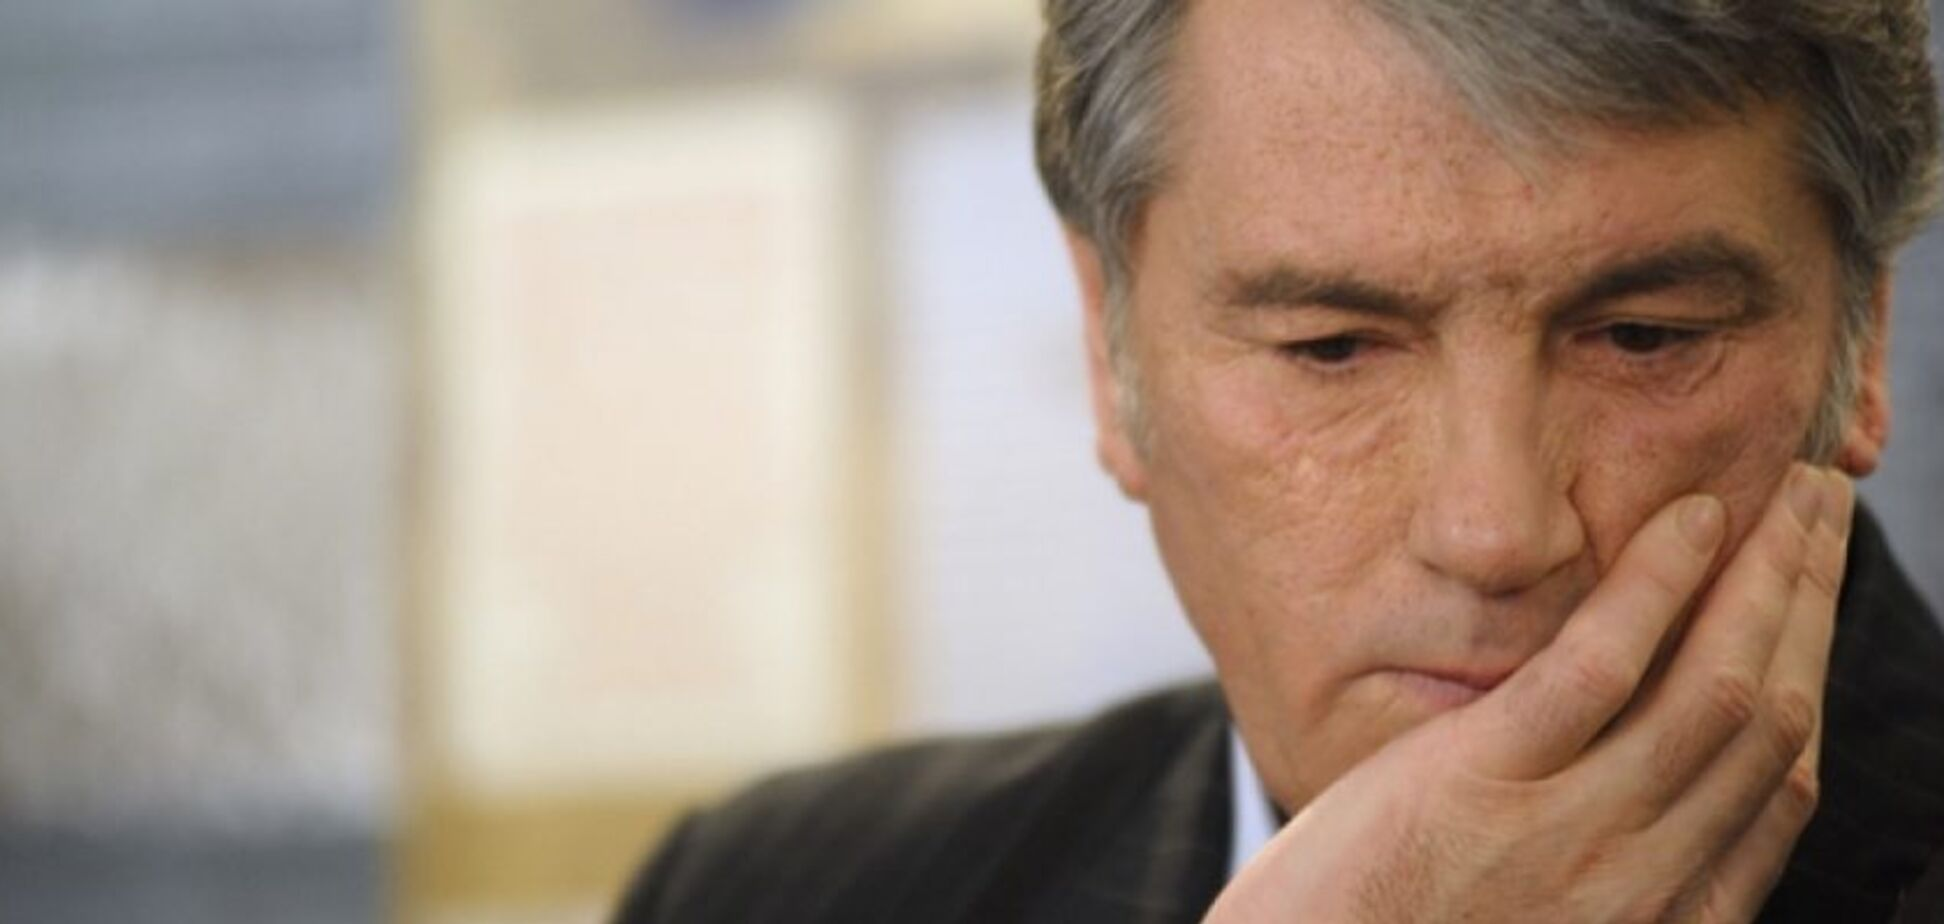 'Ікона з голим Ющенком у пеклі': скандал в українському храмі отримав продовження